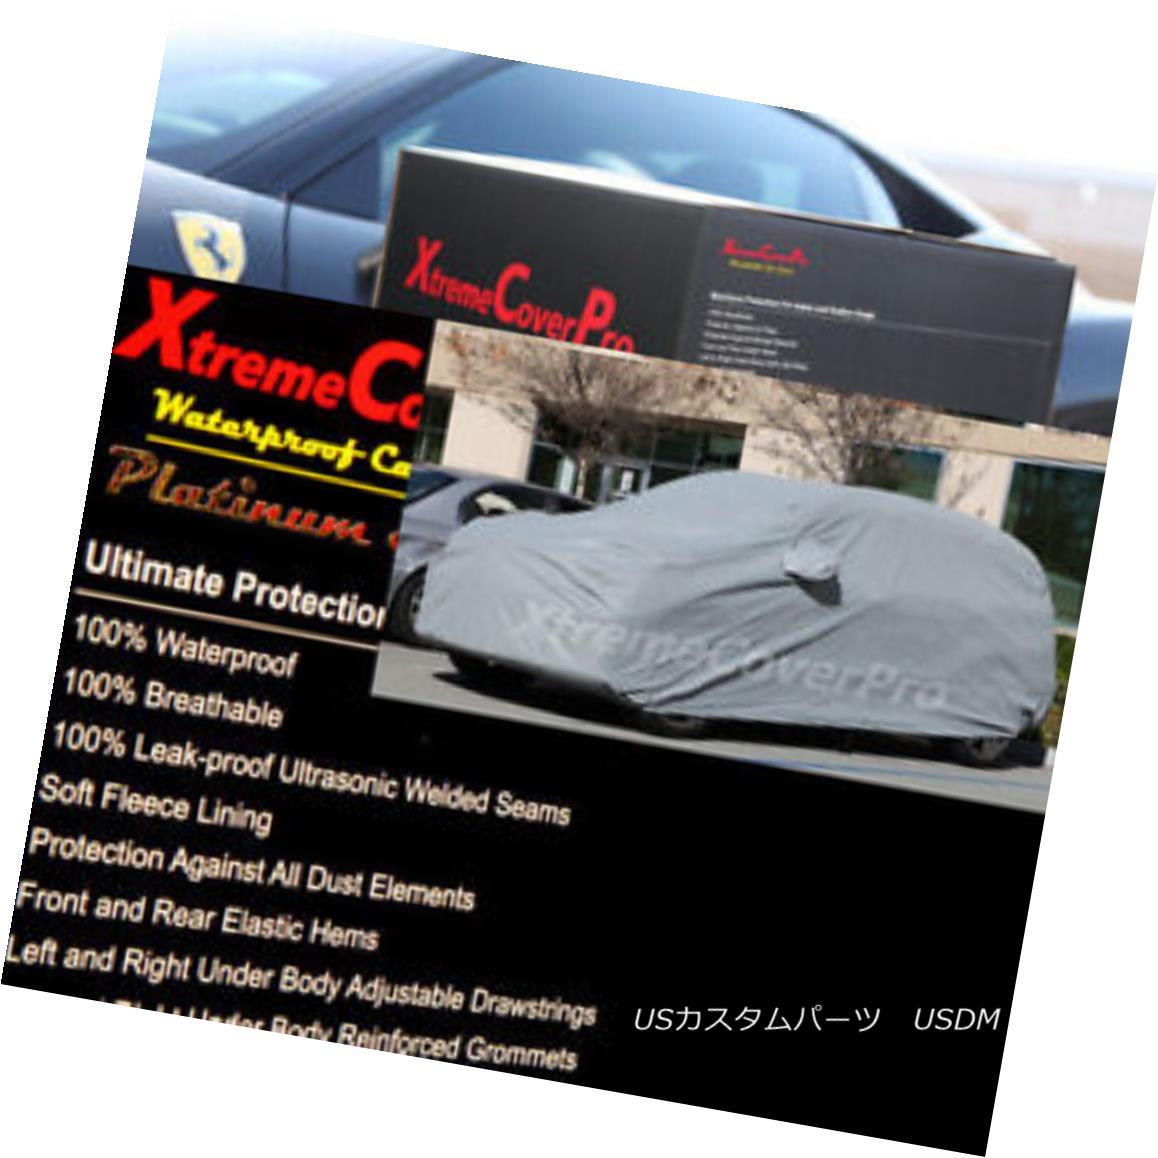 カーカバー 2014 LEXUS LX 570 Waterproof Car Cover w/ Mirror Pocket 2014 LEXUS LX 570防水カーカバー付き/ミラーポケット